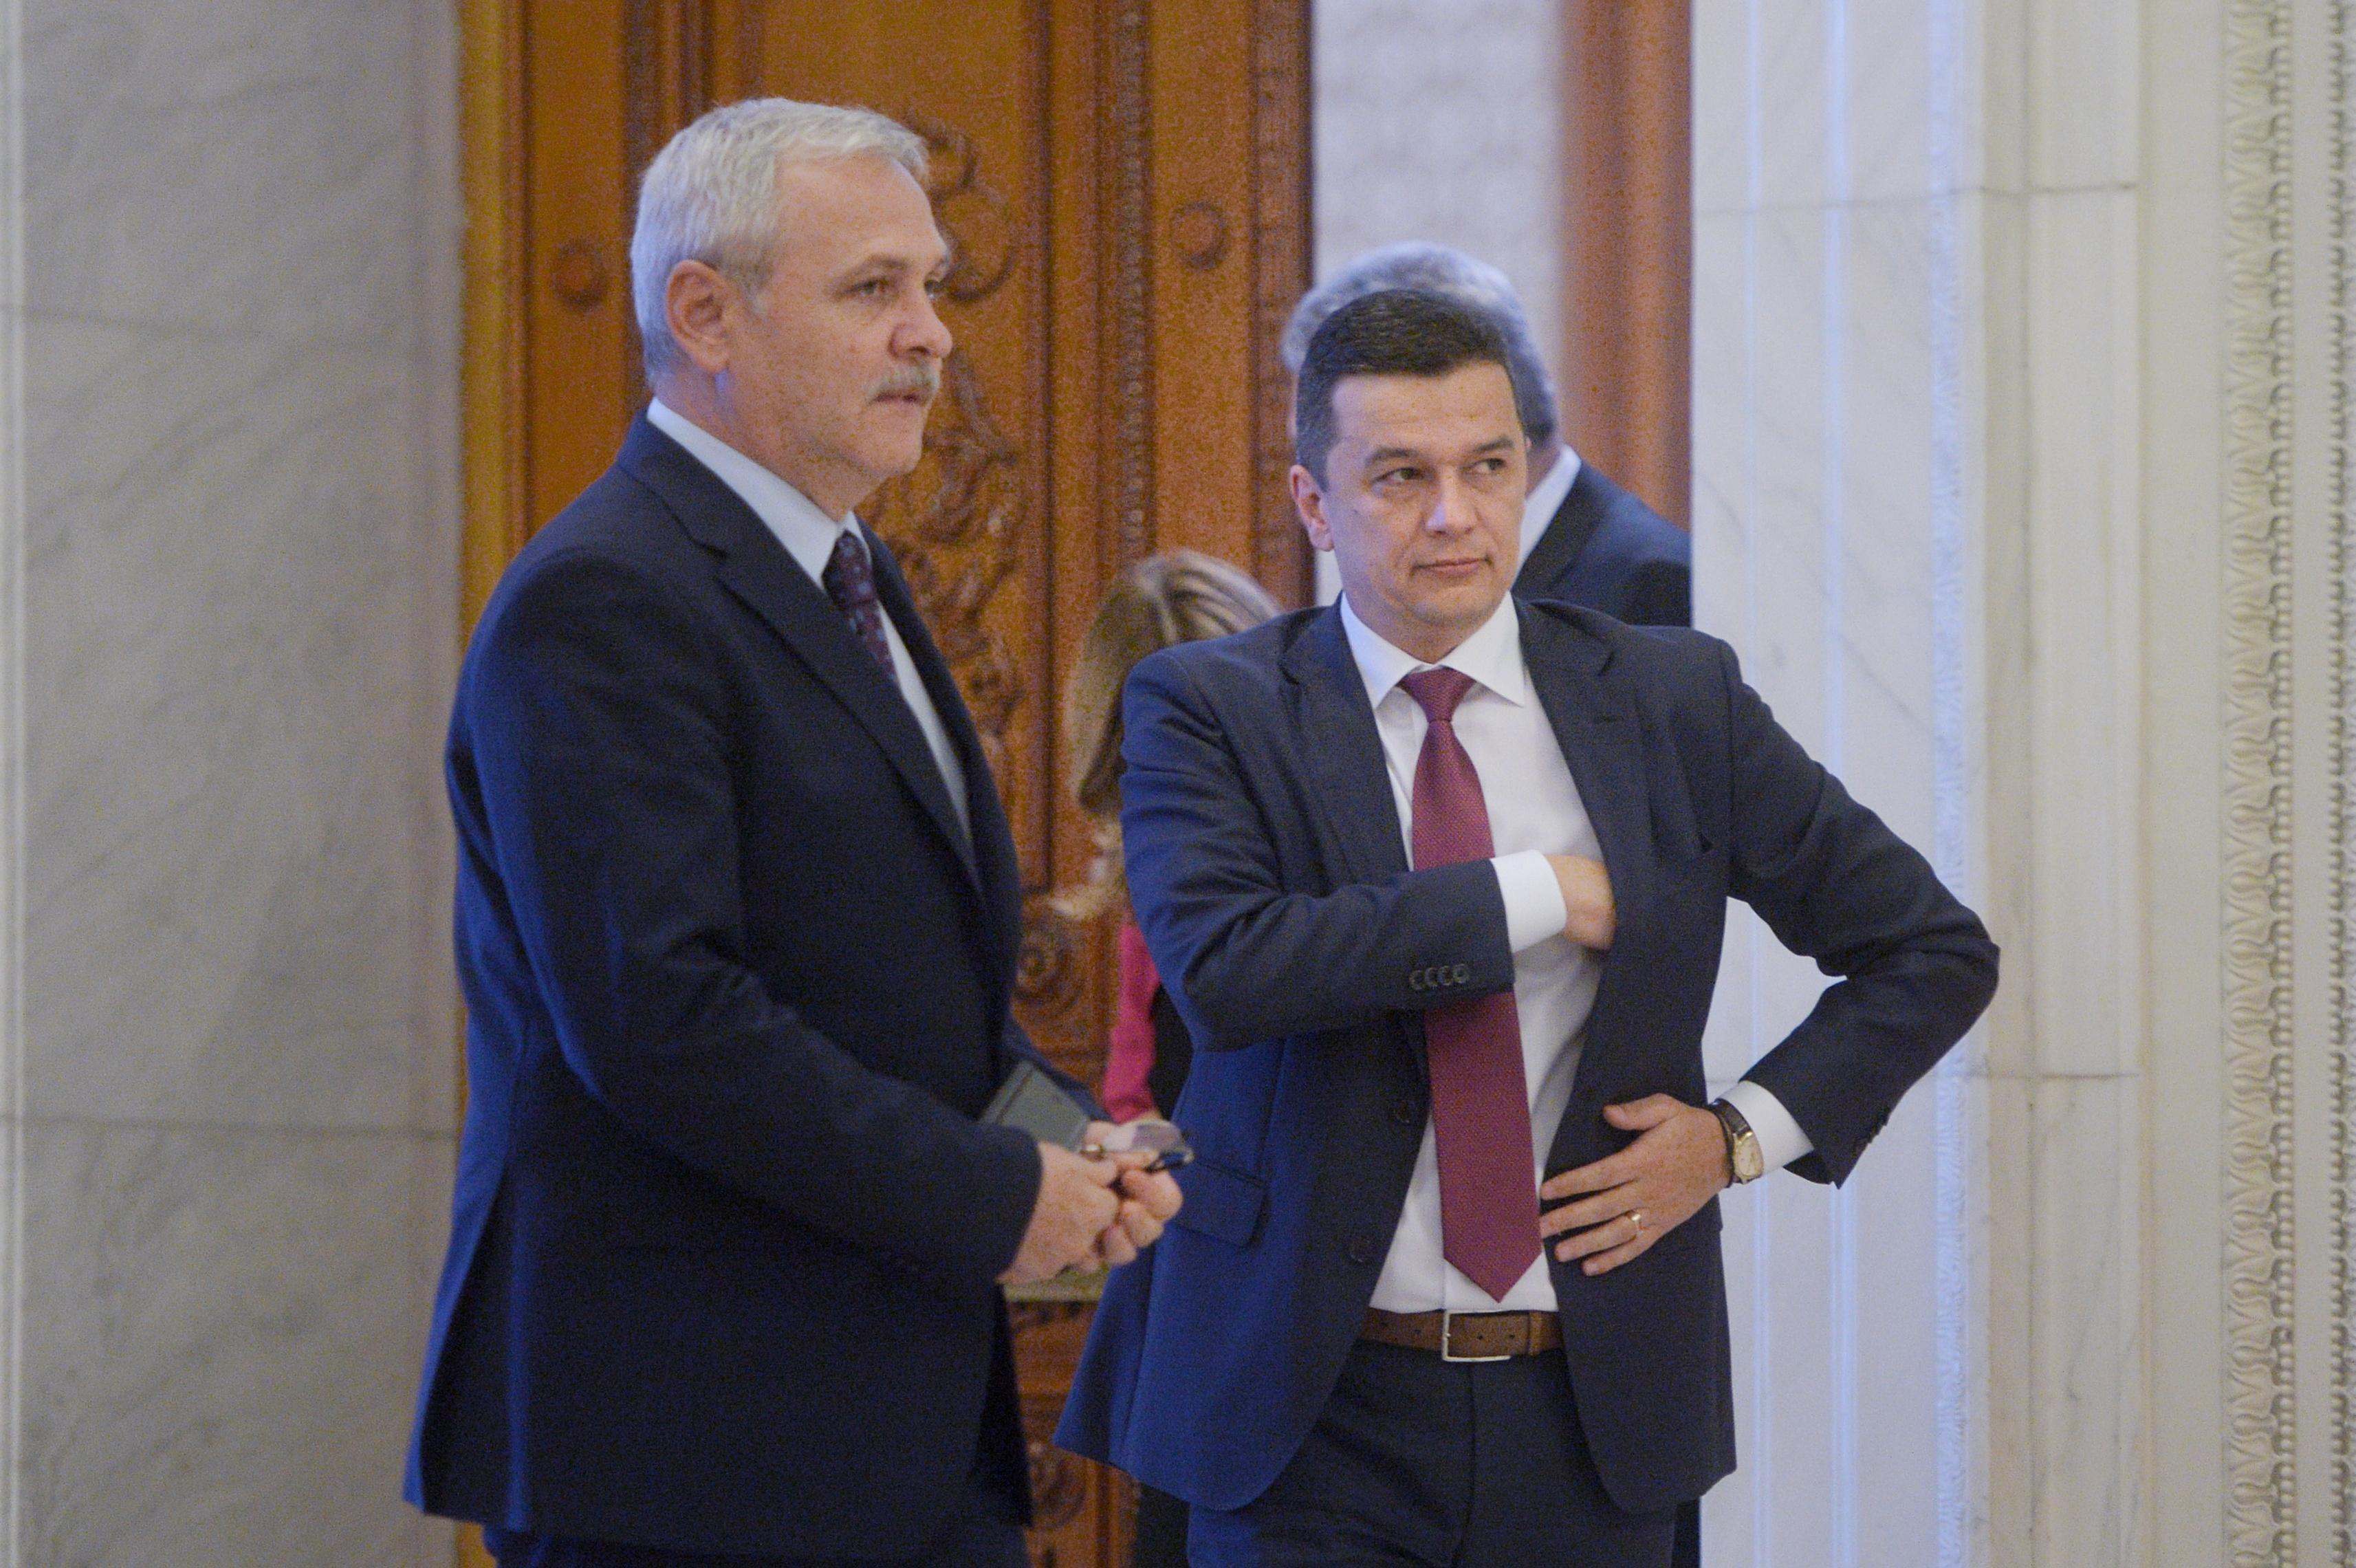 Sorin Grindeanu este noul şef al ANCOM. Parlamentul l-a votat marţi în postul de preşedinte / Grindeanu: Contestaţia privind excluderea din PSD nu-şi mai are rostul; am dialog cu Dragnea